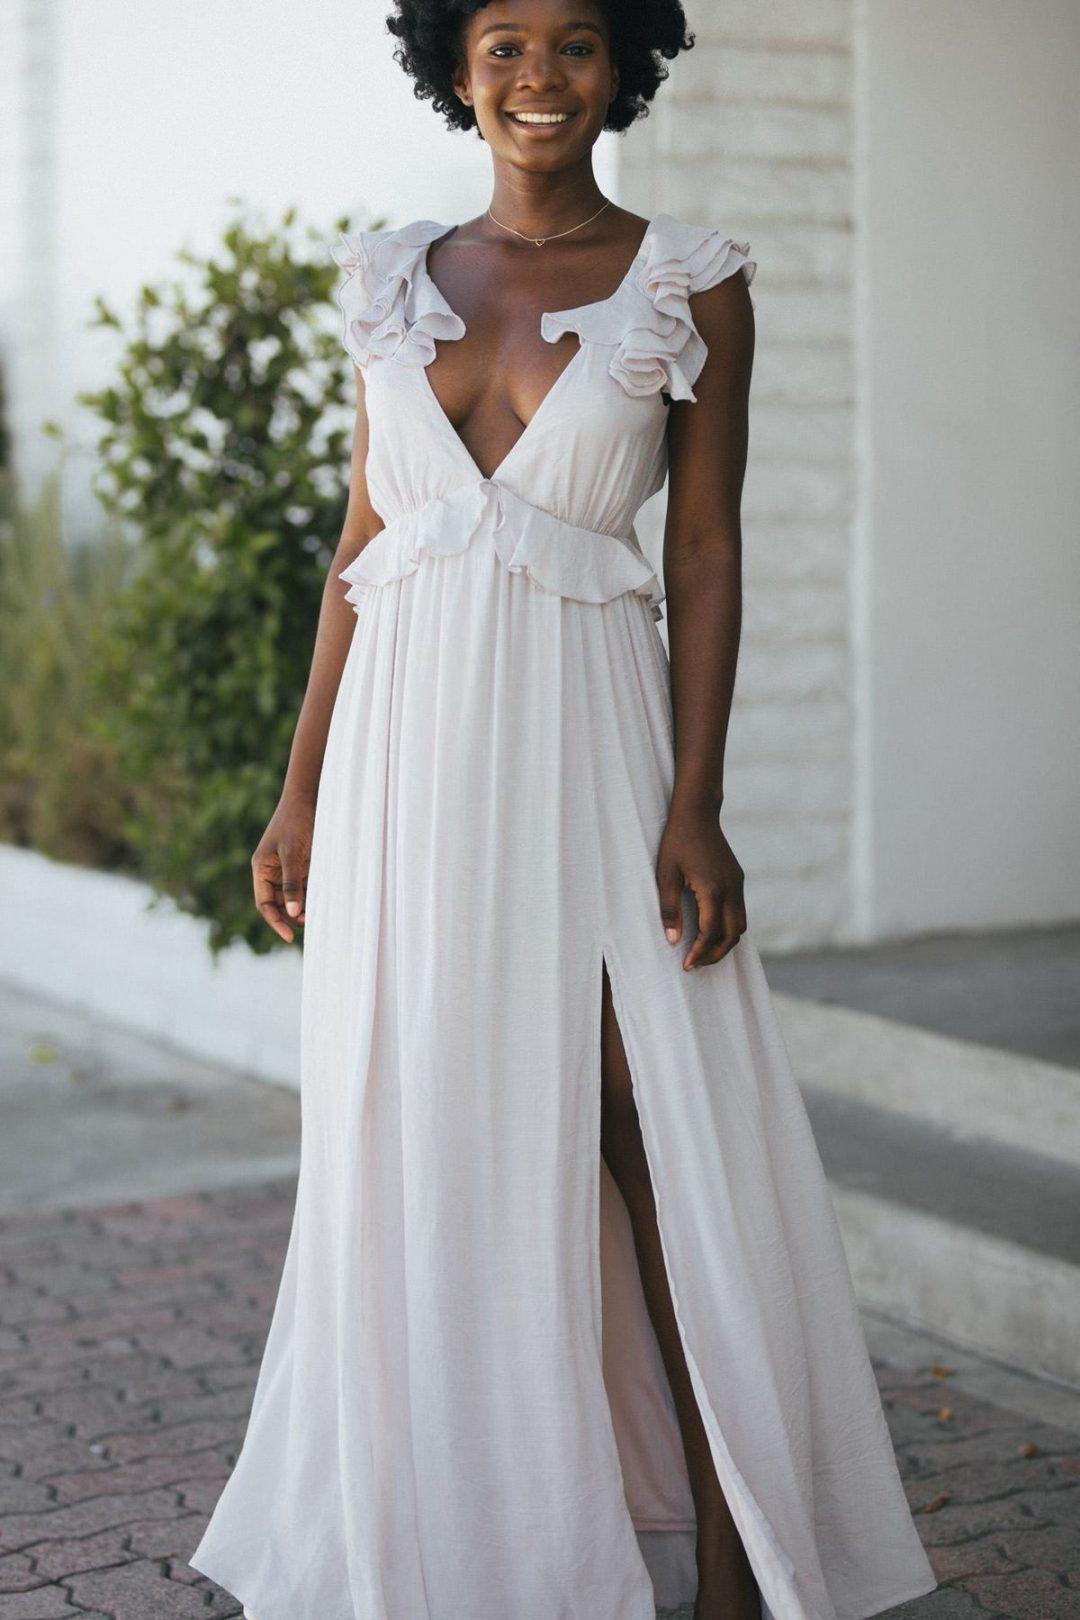 Light grey elegant nursing dress for wedding guest with v-neck